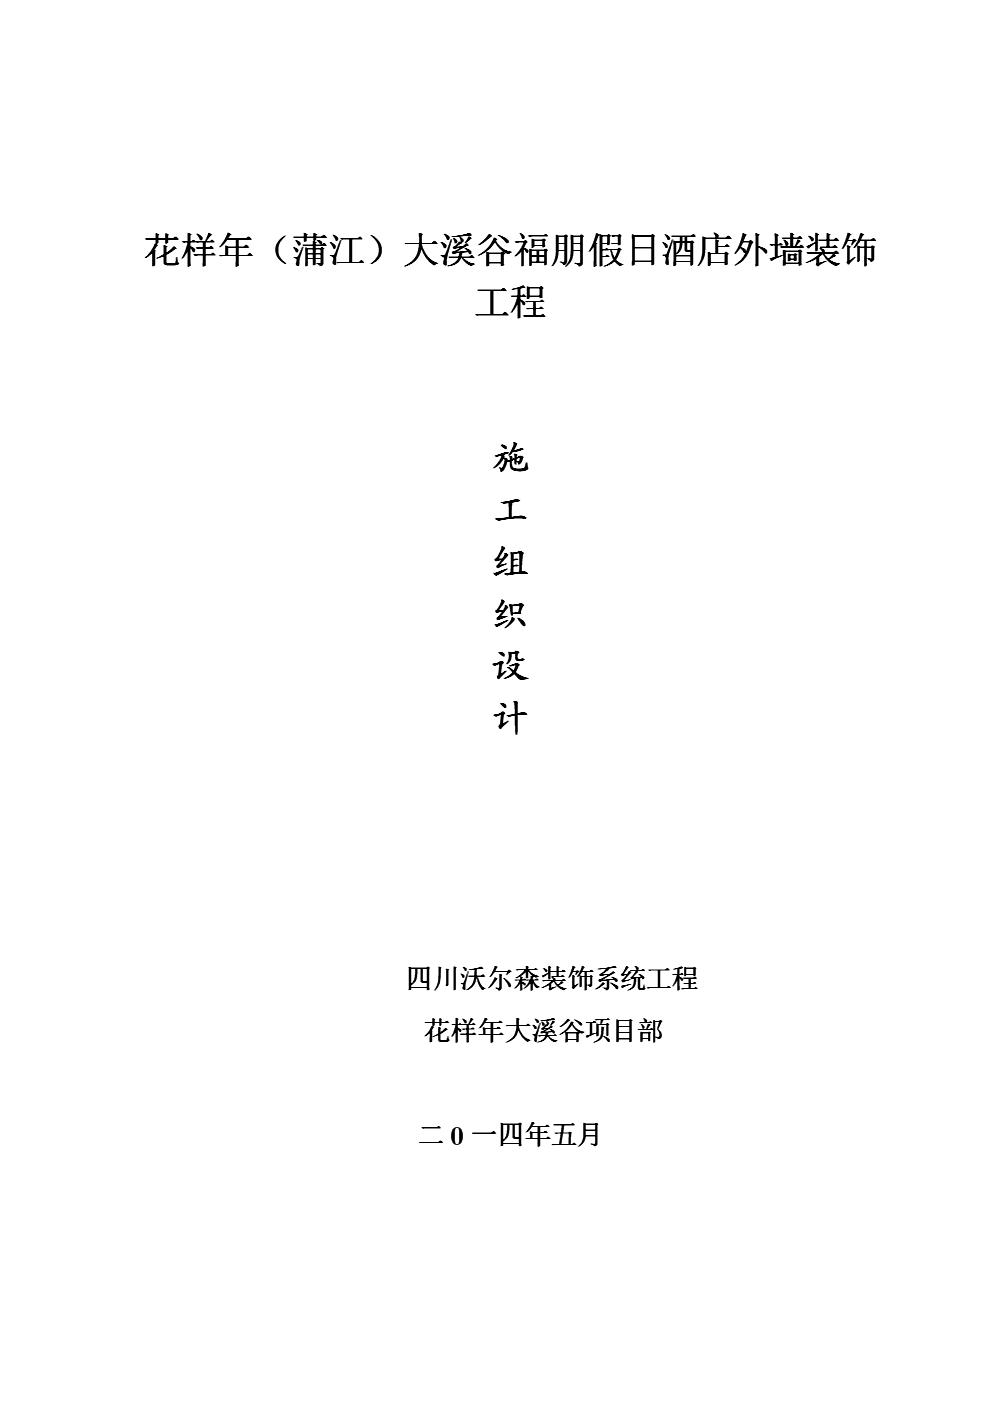 新项目施工组织设计大酒店.doc